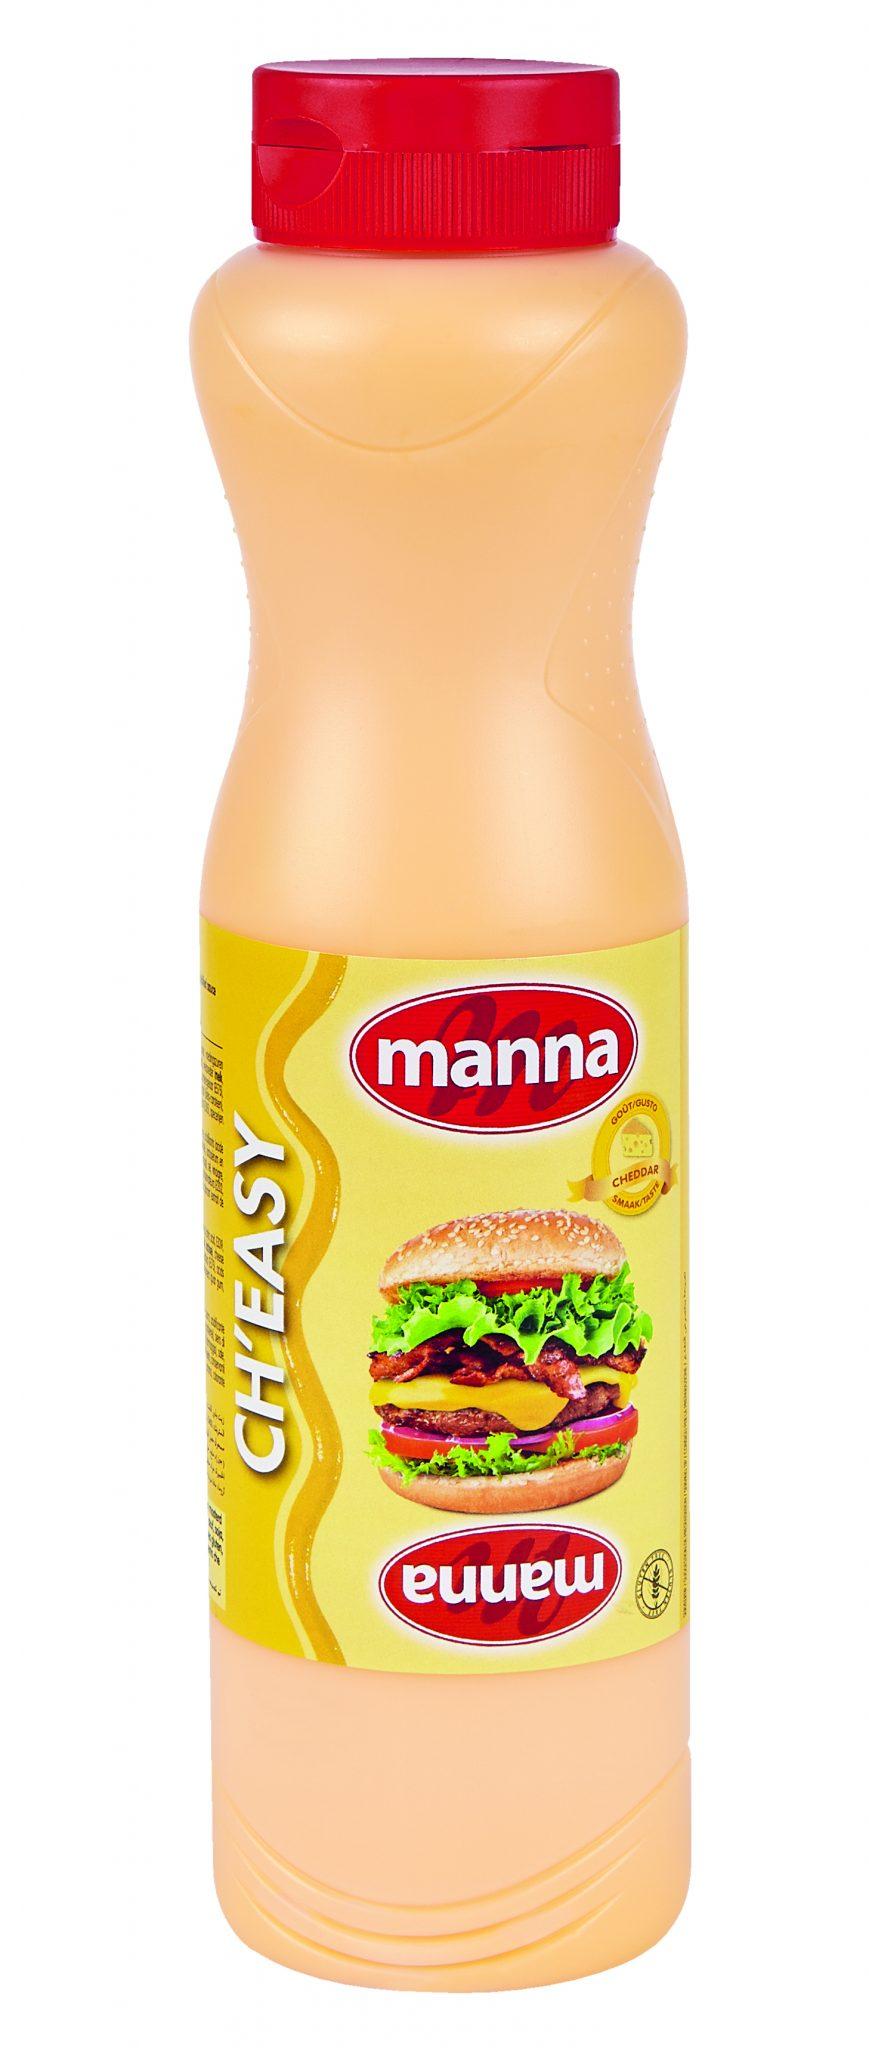 Manna_Tube 1L_Cheasy_002